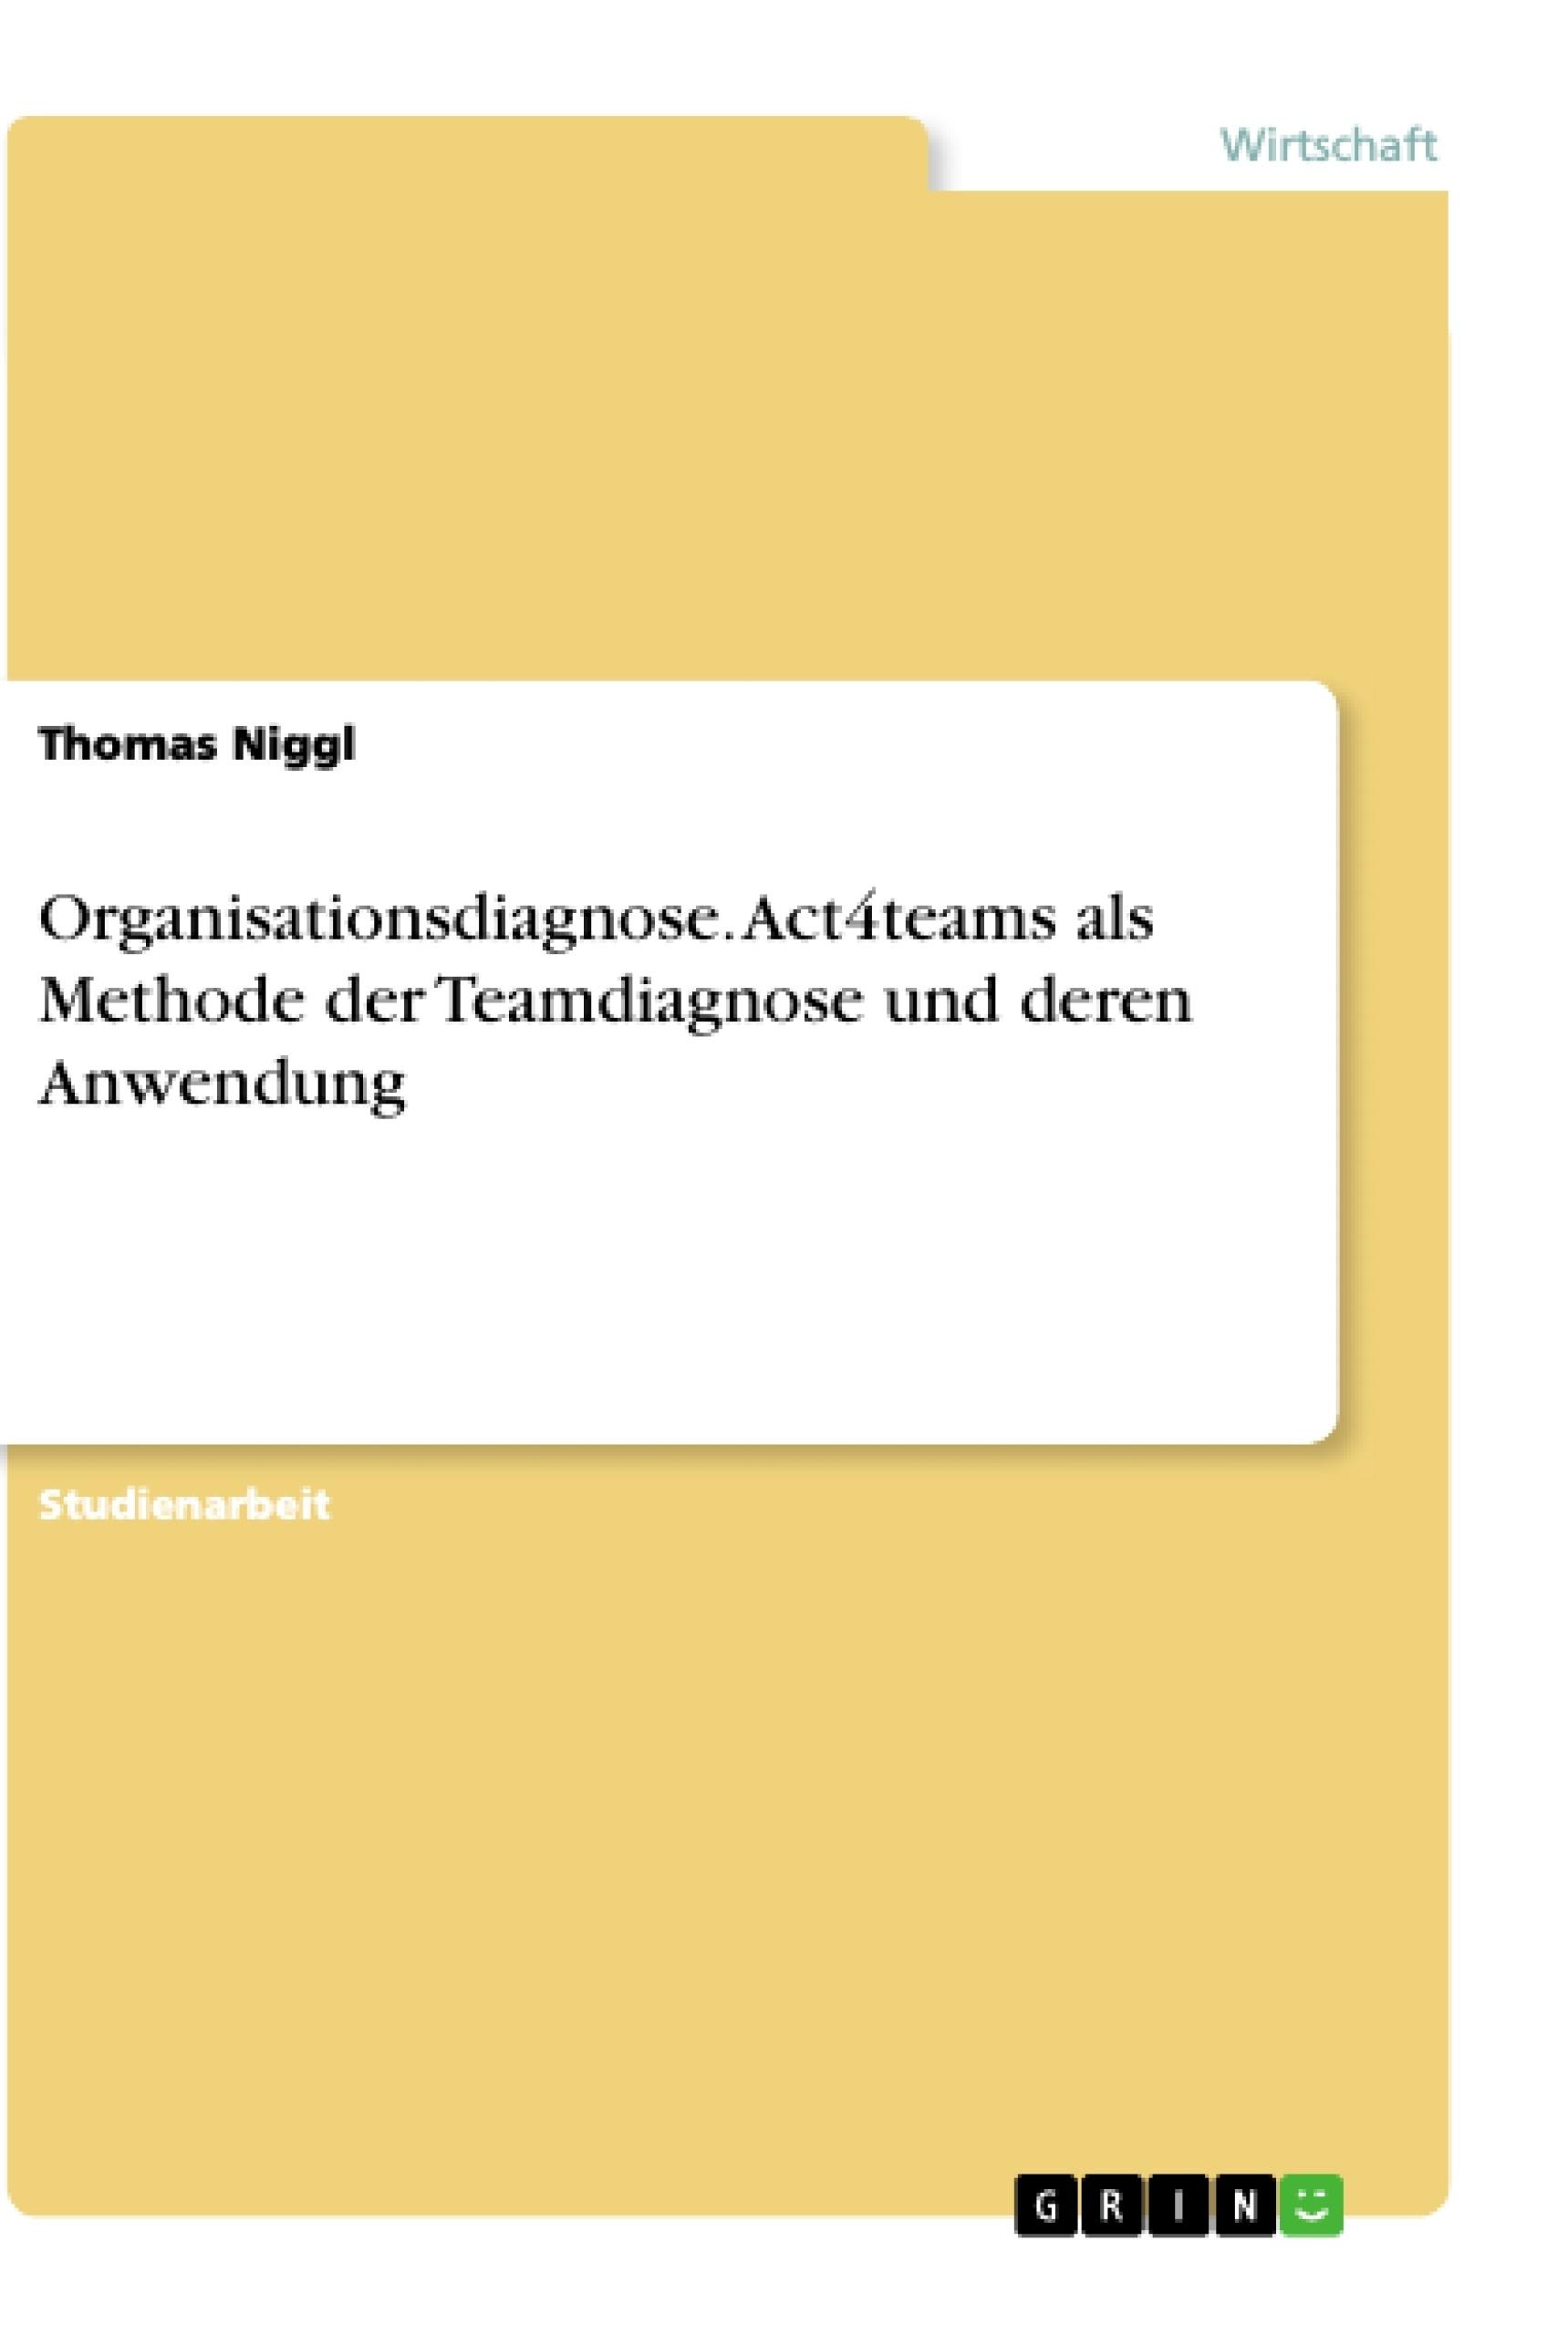 Titel: Organisationsdiagnose. Act4teams als Methode der Teamdiagnose und deren Anwendung